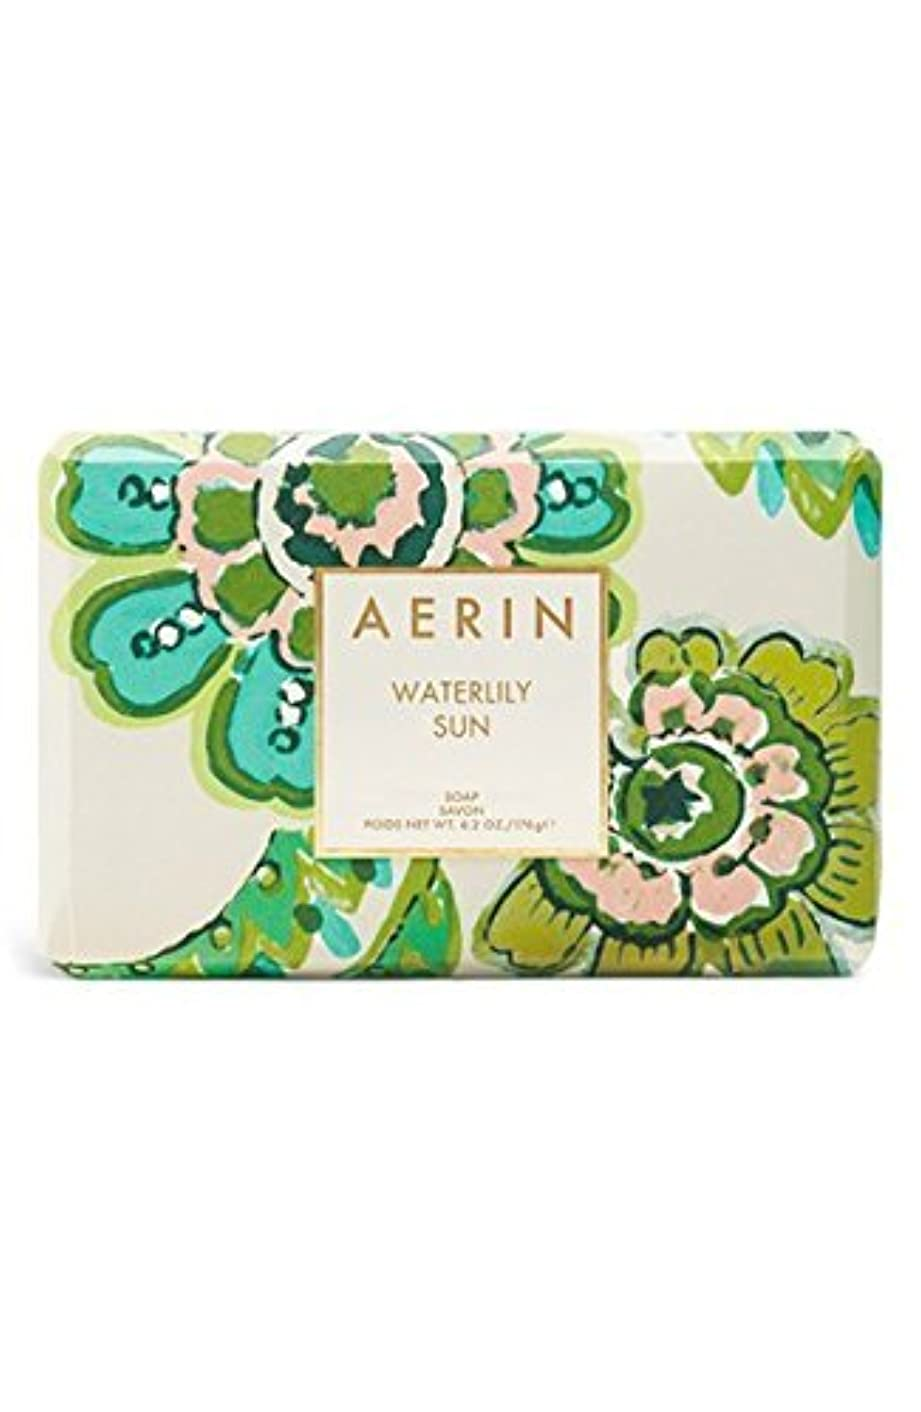 液化するホテル信じられないAERIN 'Waterlily Sun' (アエリン ウオーターリリー サン) 6.2 oz (50ml) Body Soap 固形石鹸 by Estee Lauder for Women